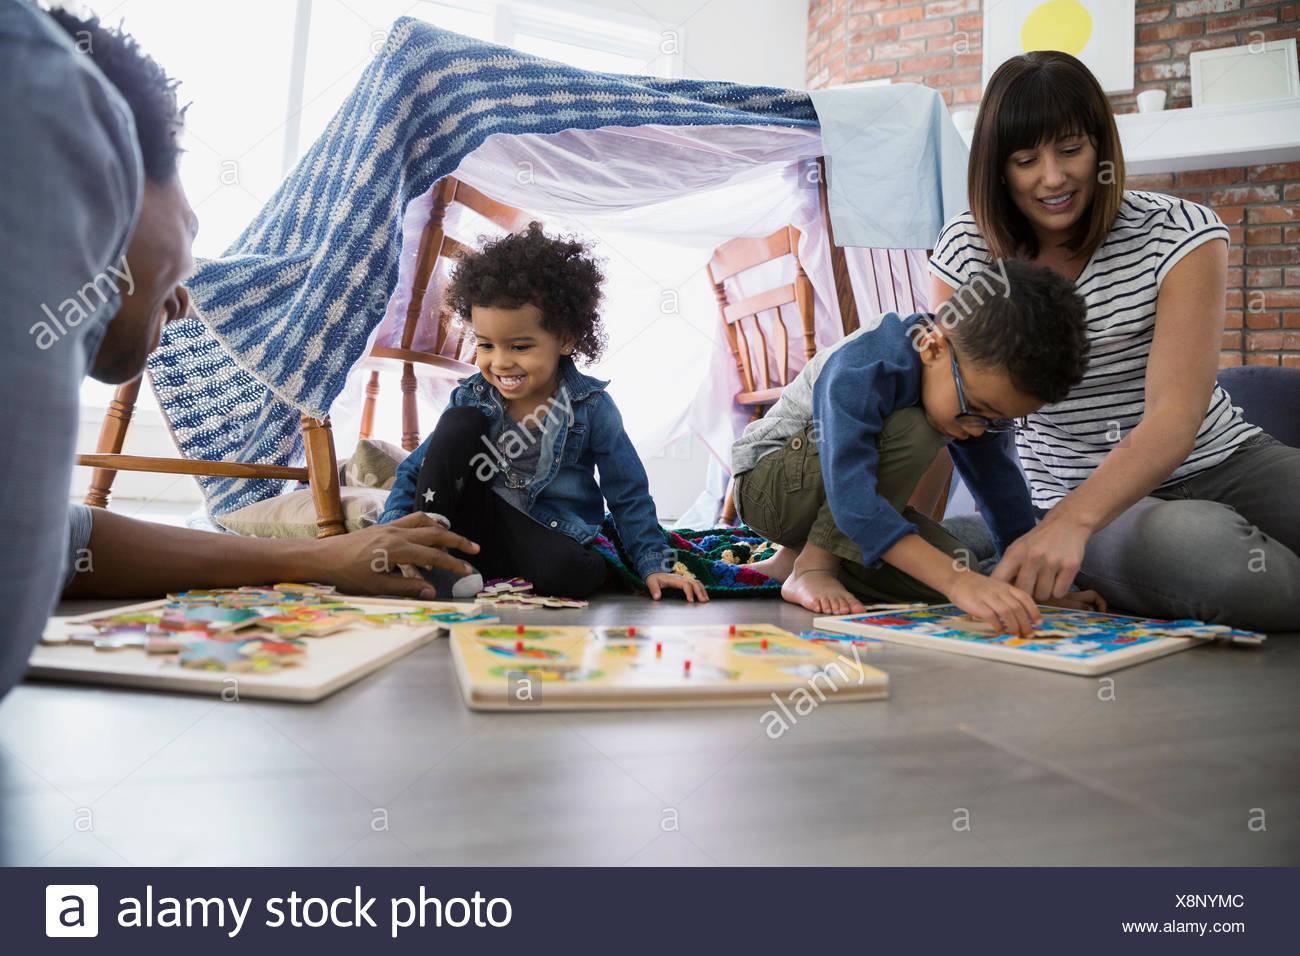 La famiglia gioca con i puzzle sul pavimento Immagini Stock